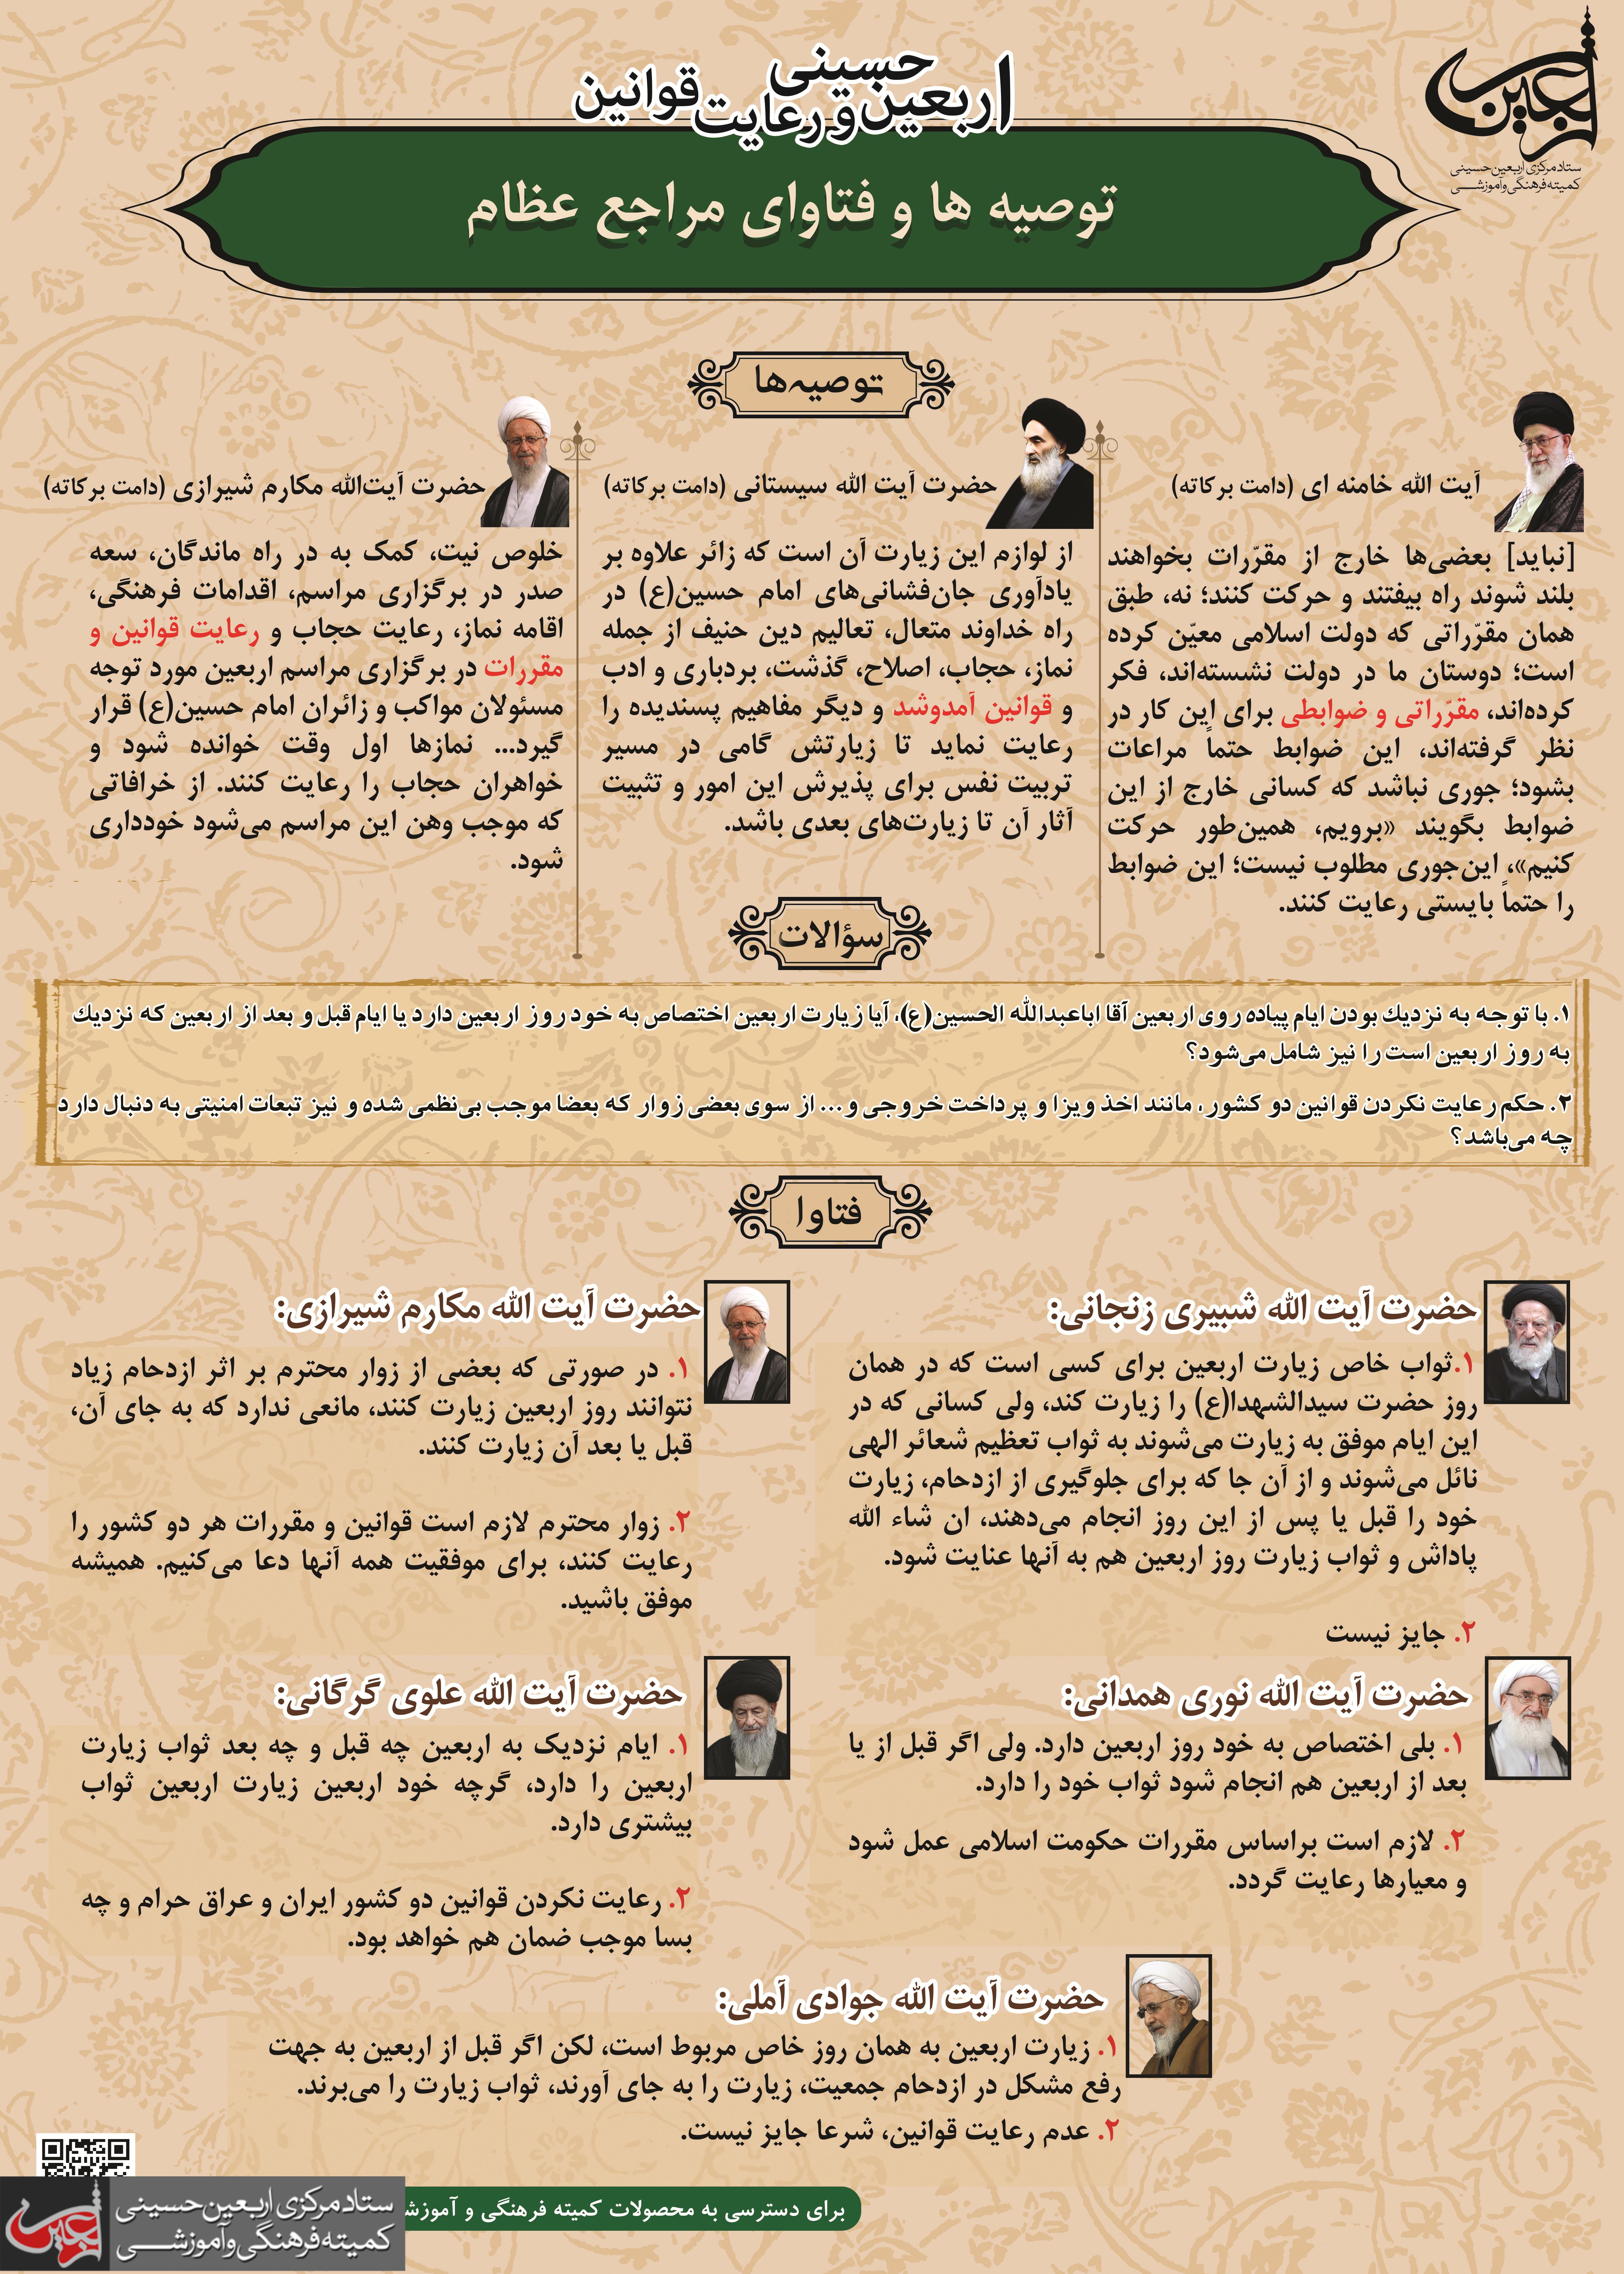 اربعین حسینی و رعایت قوانین توصیه ها و فتاوای مراجع عظام